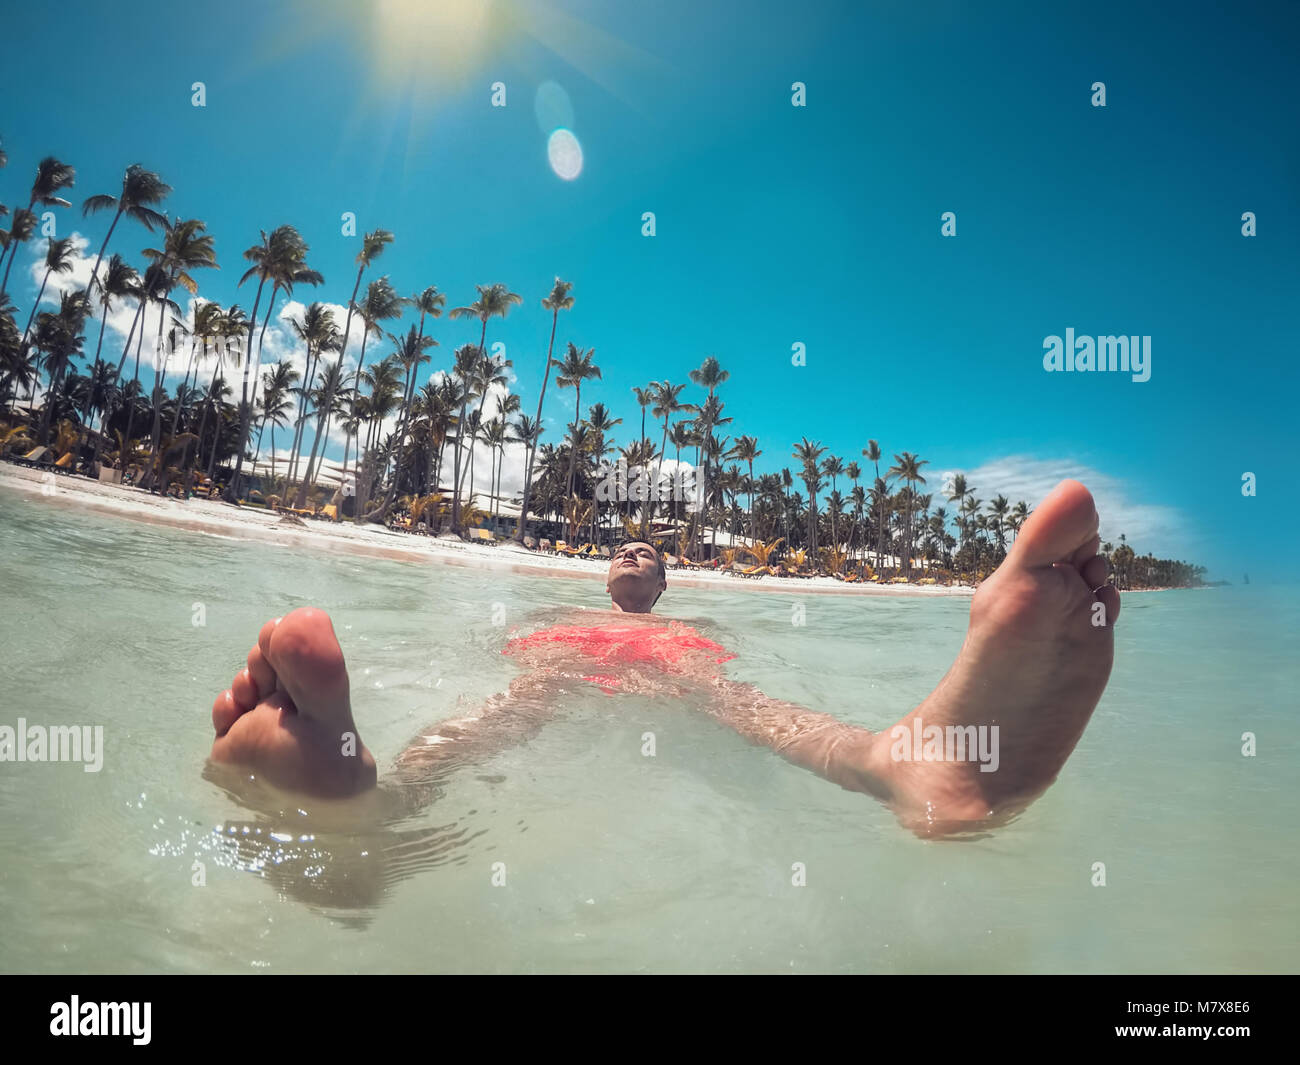 L'homme jouissant de ses vacances d'été, l'eau turquoise de la mer des Caraïbes et la Photo Stock